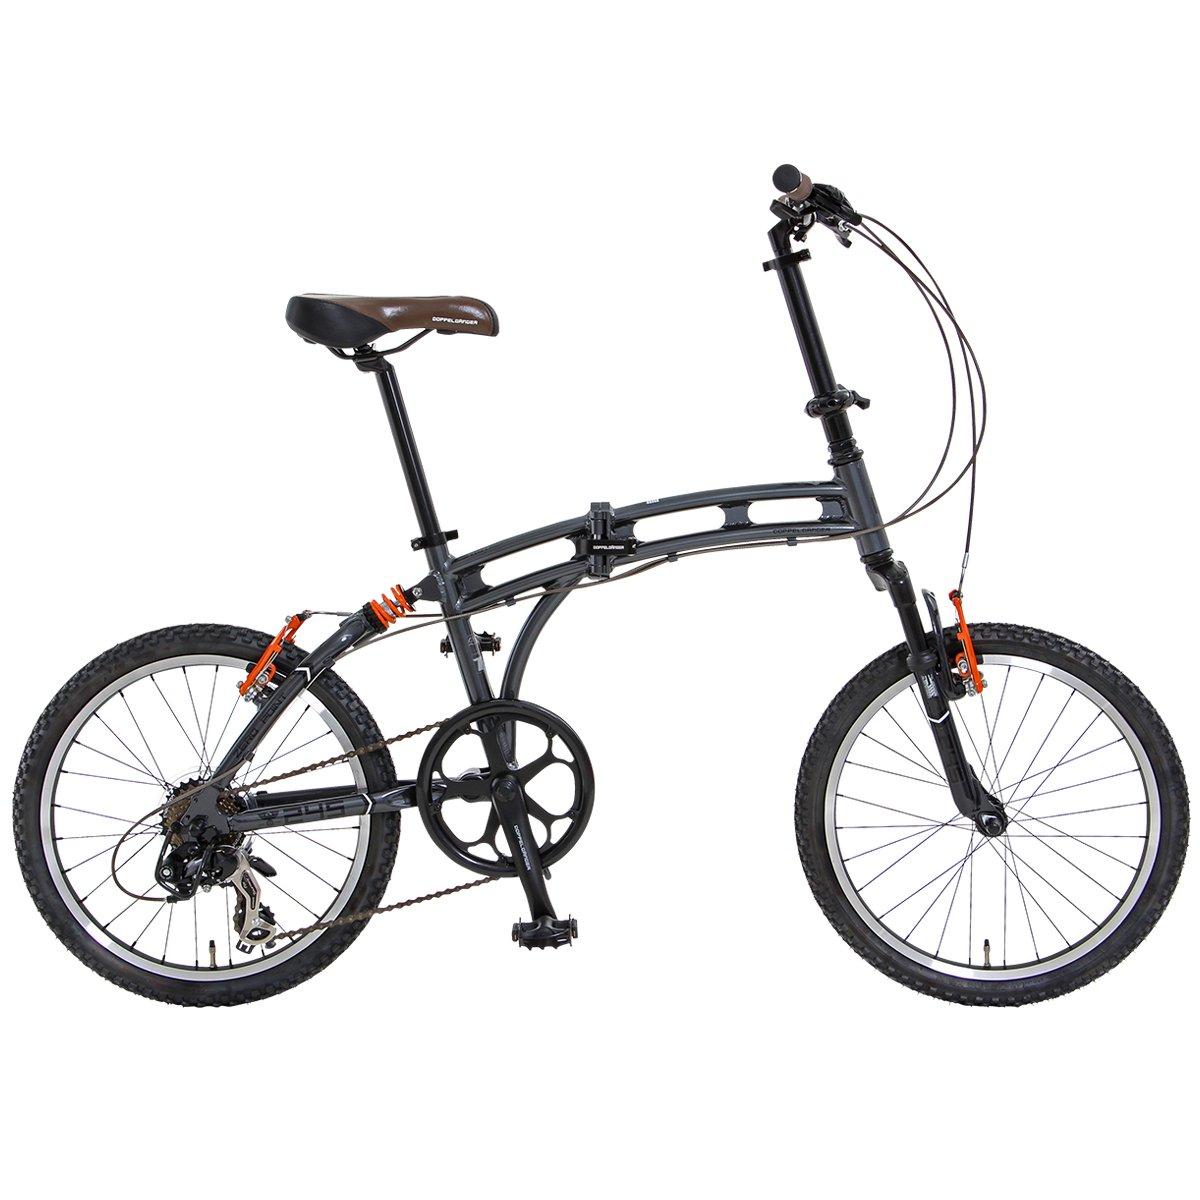 DOPPELGANGER(ドッペルギャンガー) 折りたたみ自転車 BLACKMAXシリーズ ZERO POINT 20インチ パラレルツインチューブフレーム採用モデル B00A8CTNI0